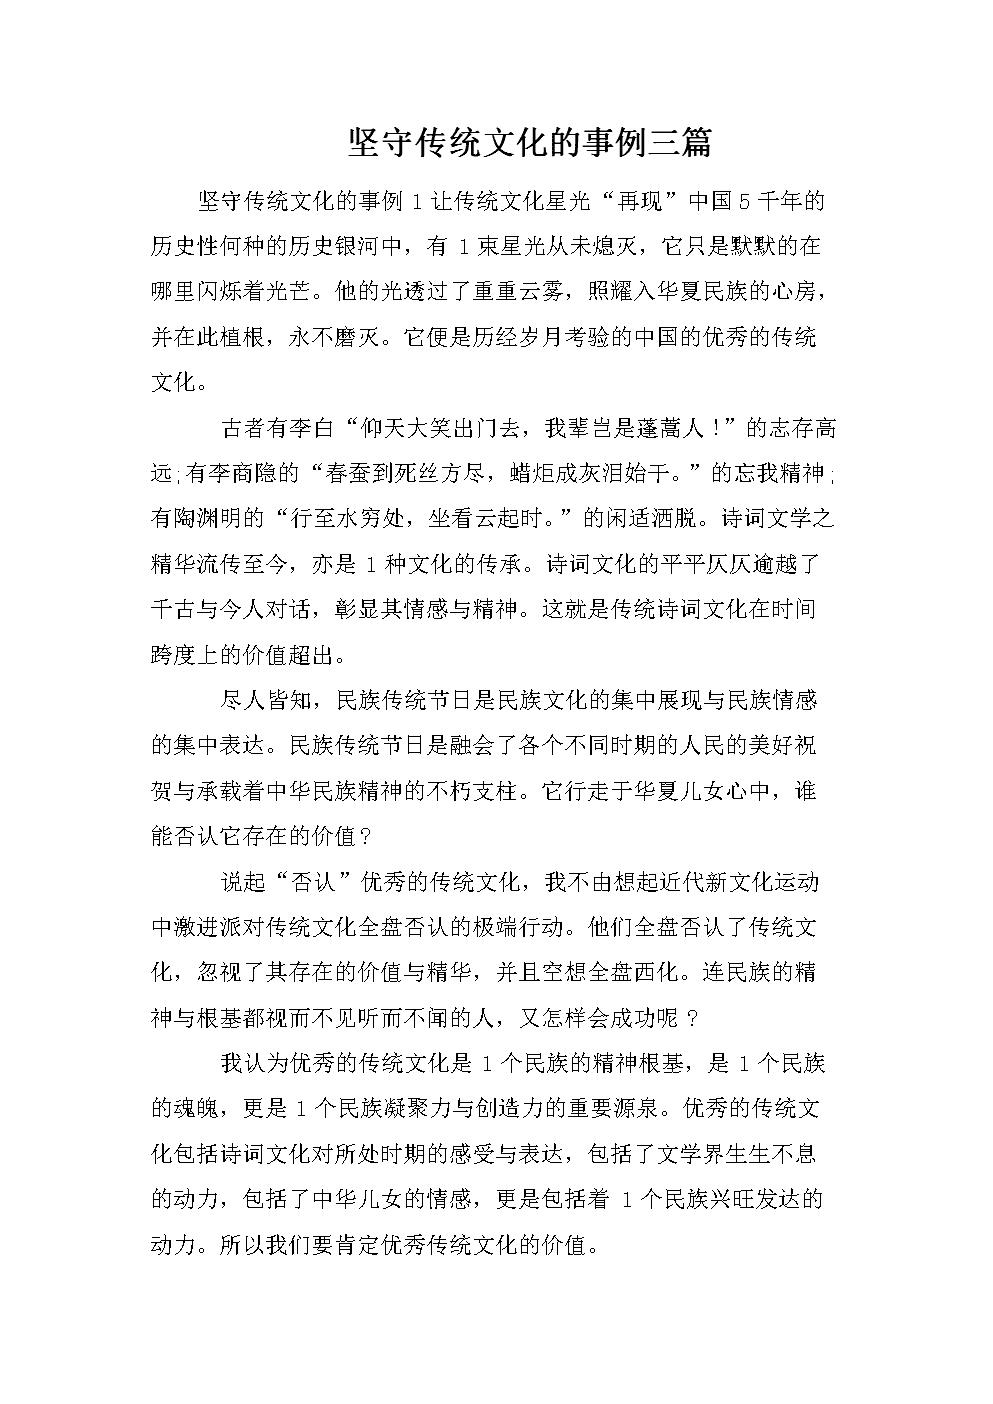 坚守传统文化的事例三篇.doc